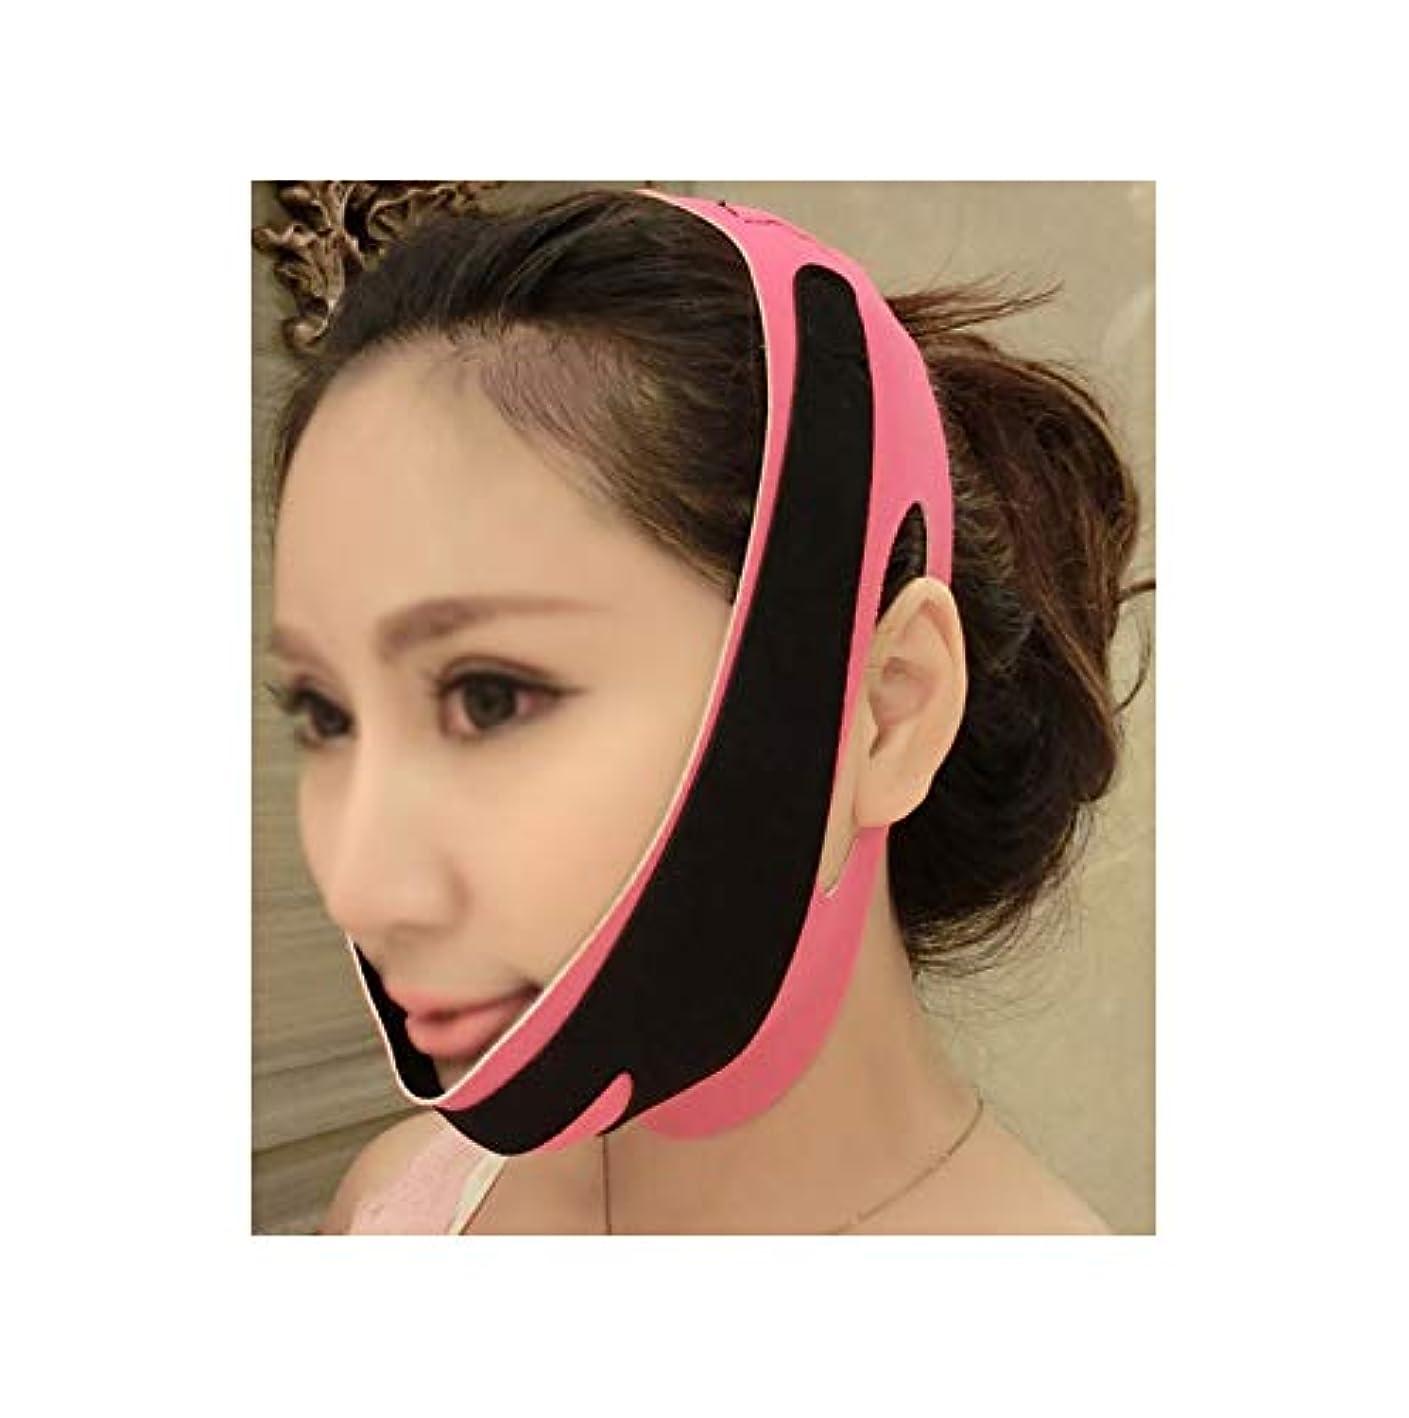 馬力体揃えるTLMY 二重あごを取り除くために顔を持ち上げる包帯顔スリムVラインの顔の形のあごの頬を持ち上げる抗しわリフトベルトフェイシャルマッサージツール女性と女の子3顔包帯 顔用整形マスク